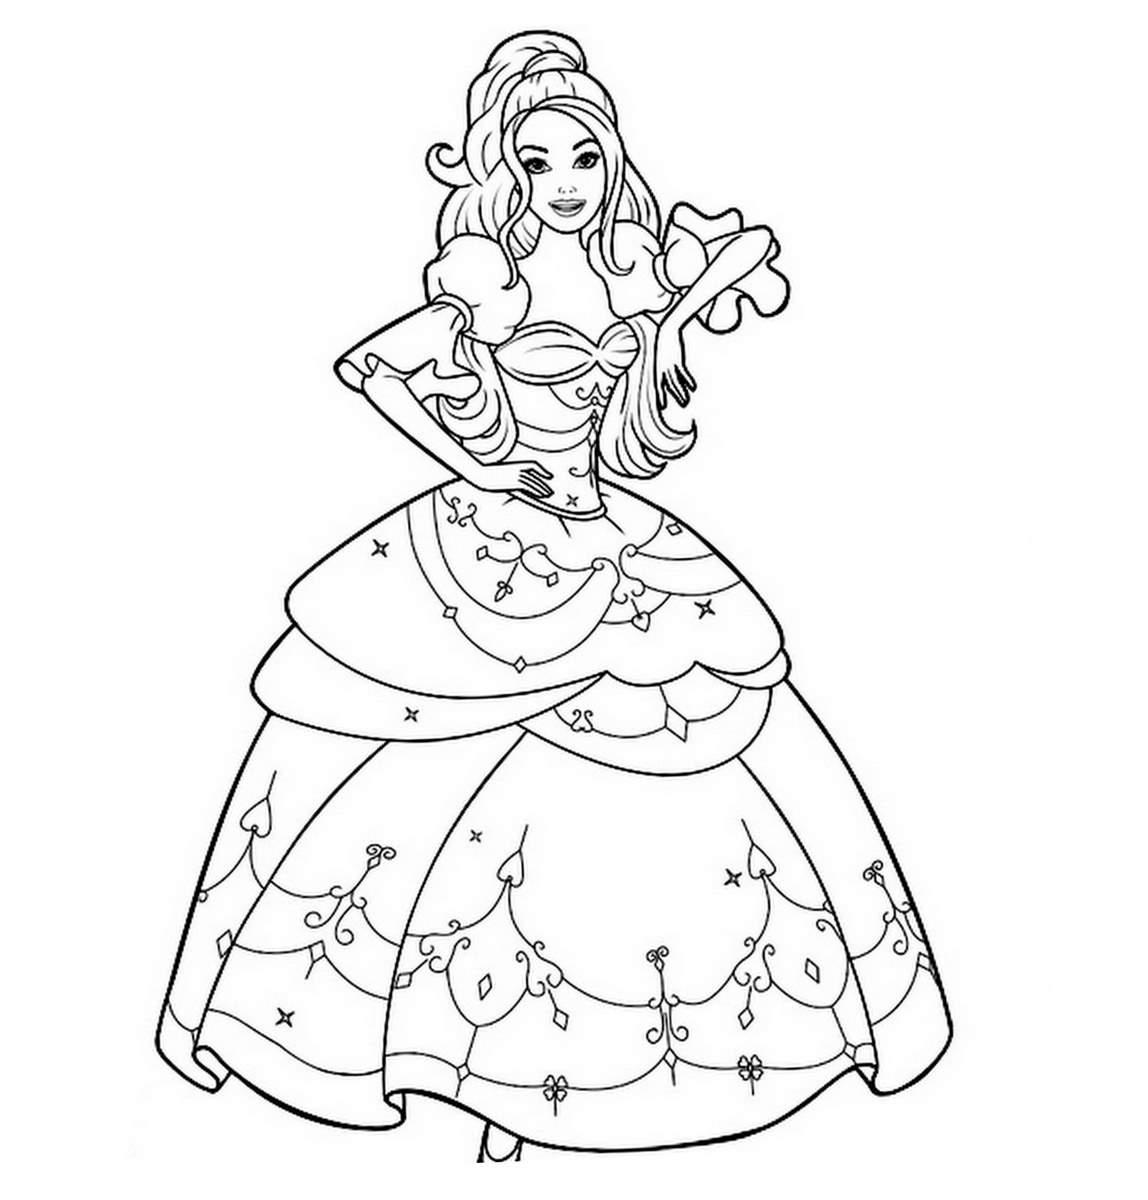 Bien-aimé Coloriages à imprimer : Personnages féeriques - Princesse, Page : 1 PW63